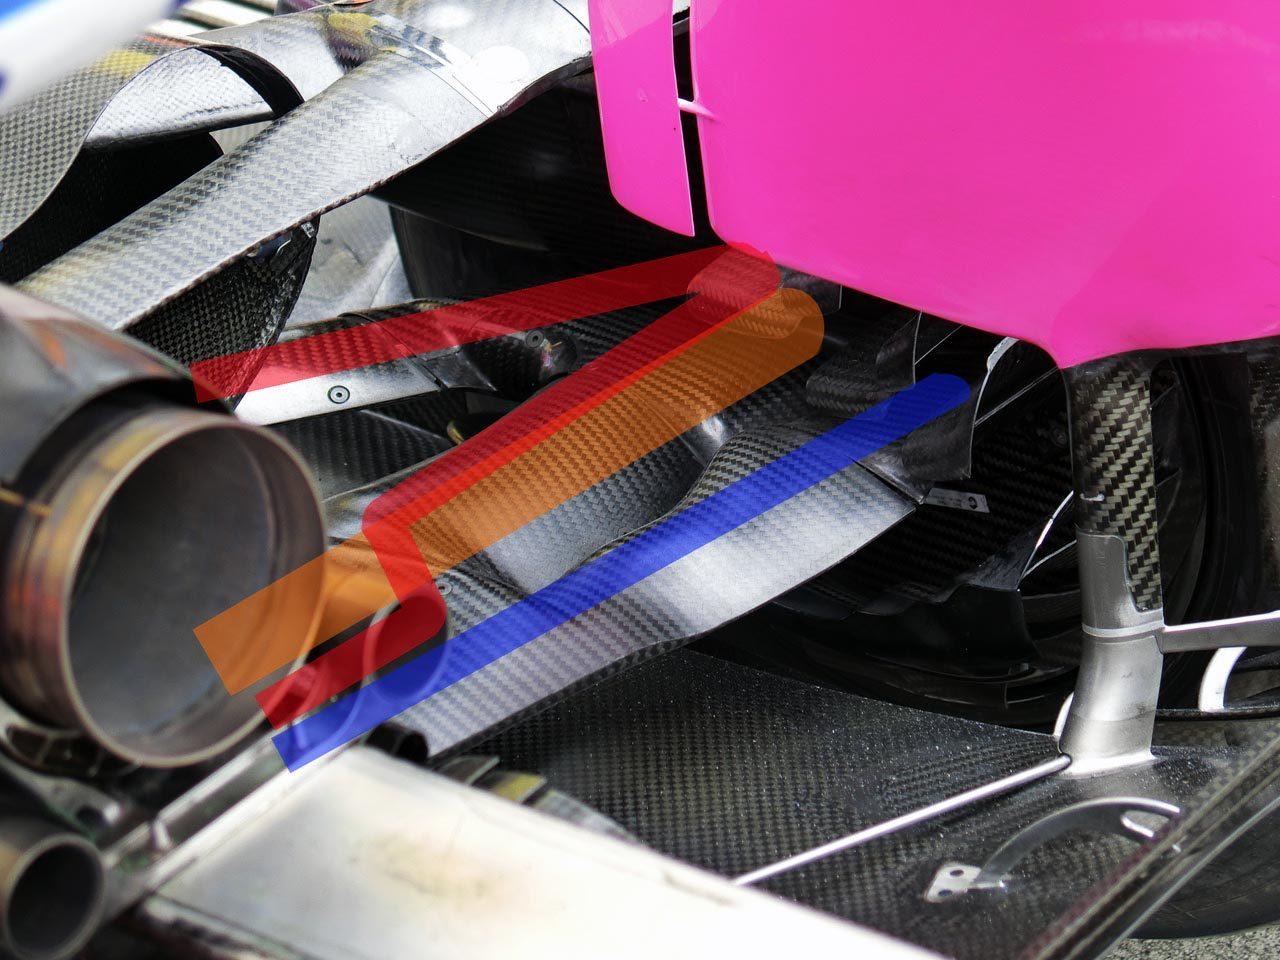 【津川哲夫F1私的メカチェック】セナ&ニューウェイから始まった、自動車工学の常識を覆す今どきのウィッシュボーン